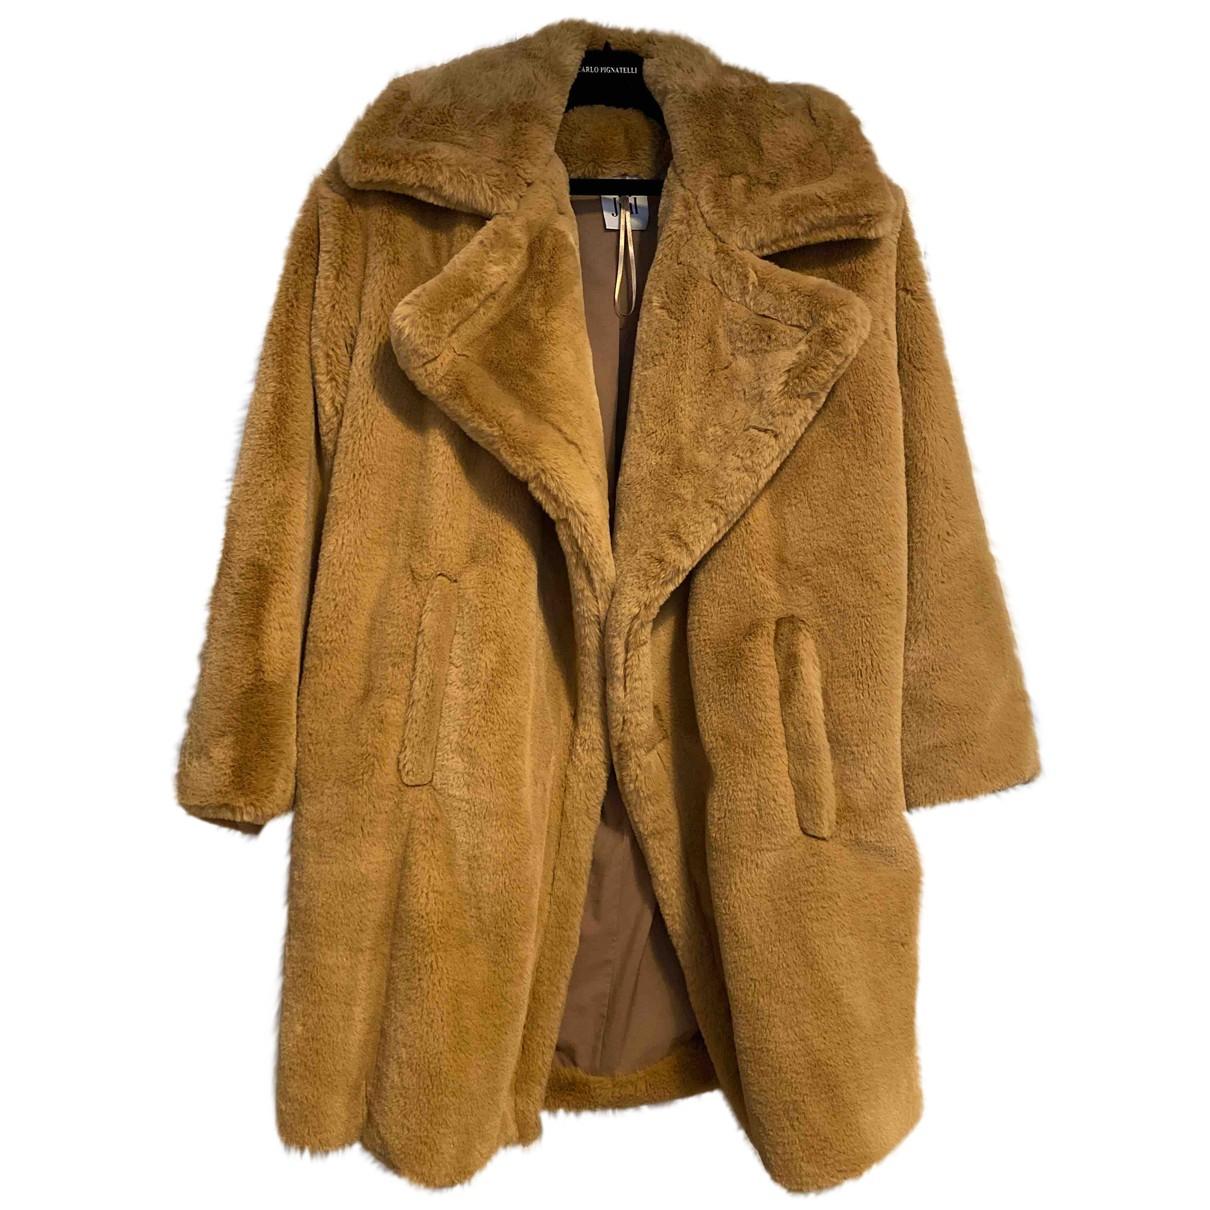 Jijil - Manteau   pour femme en fourrure synthetique - beige